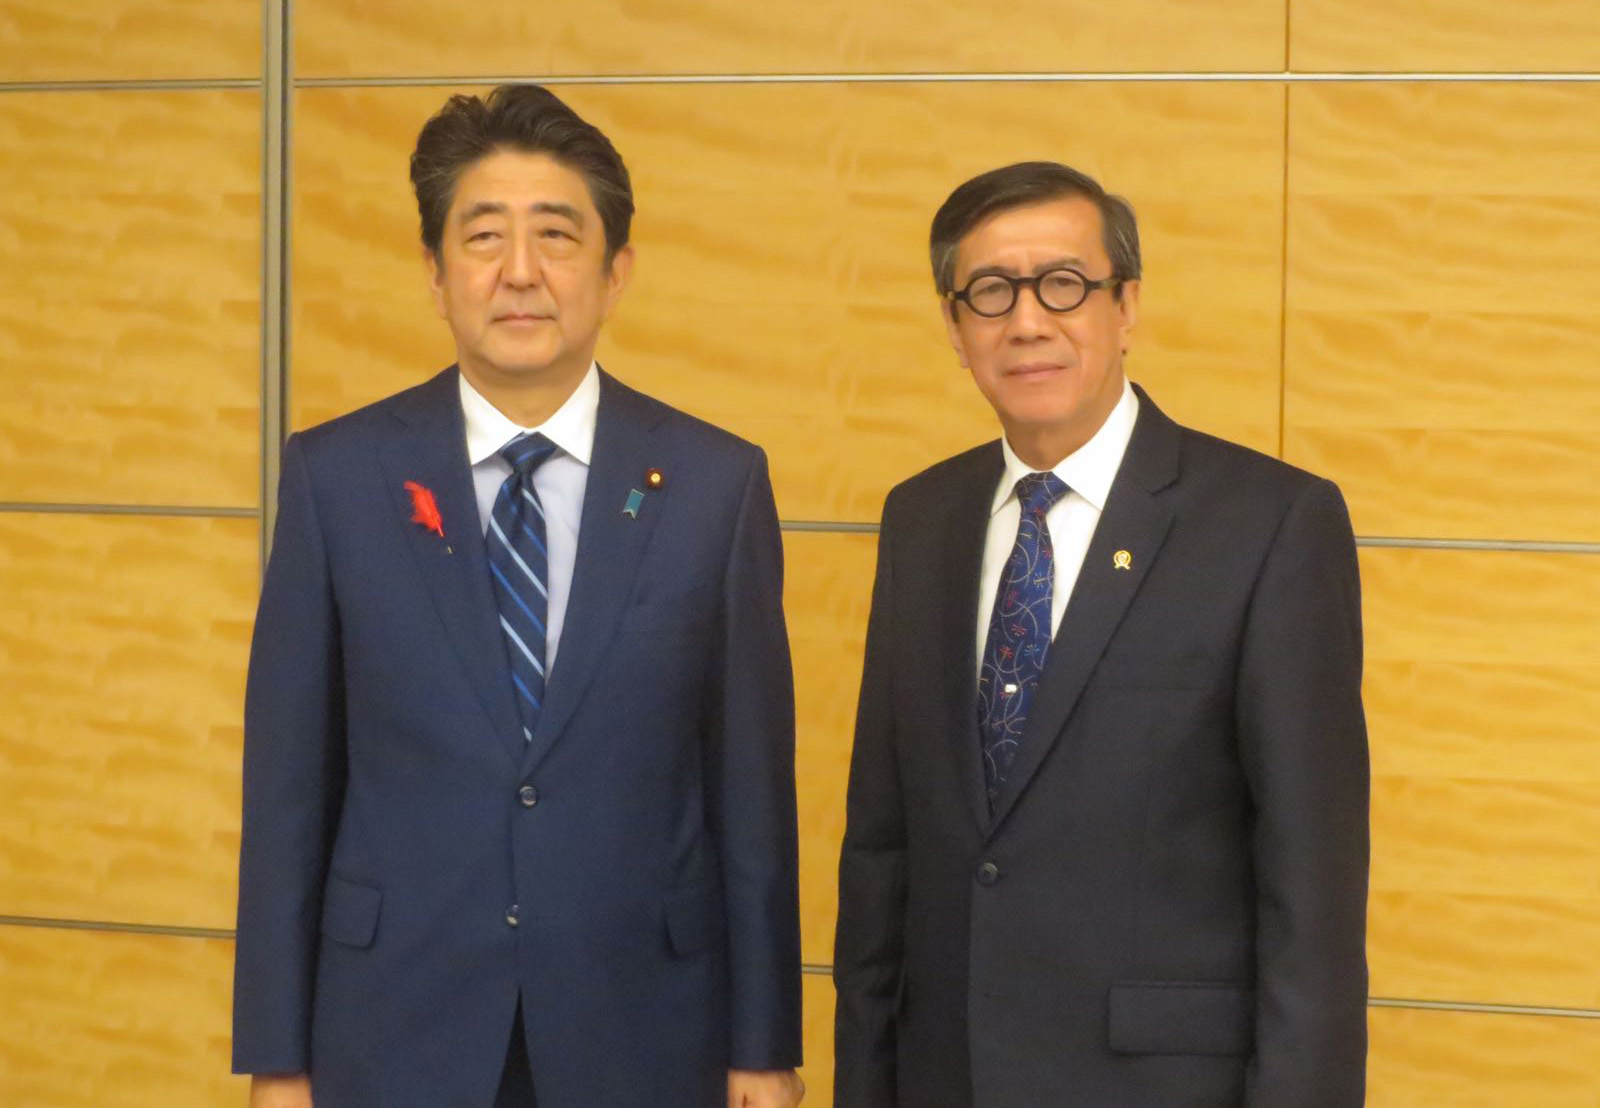 Kunjungan kehormatan Head of Delegations of AALCO kepada Perdana Menteri Jepang Shinzō Abe, di Tokyo, 10 Oktober 2018.